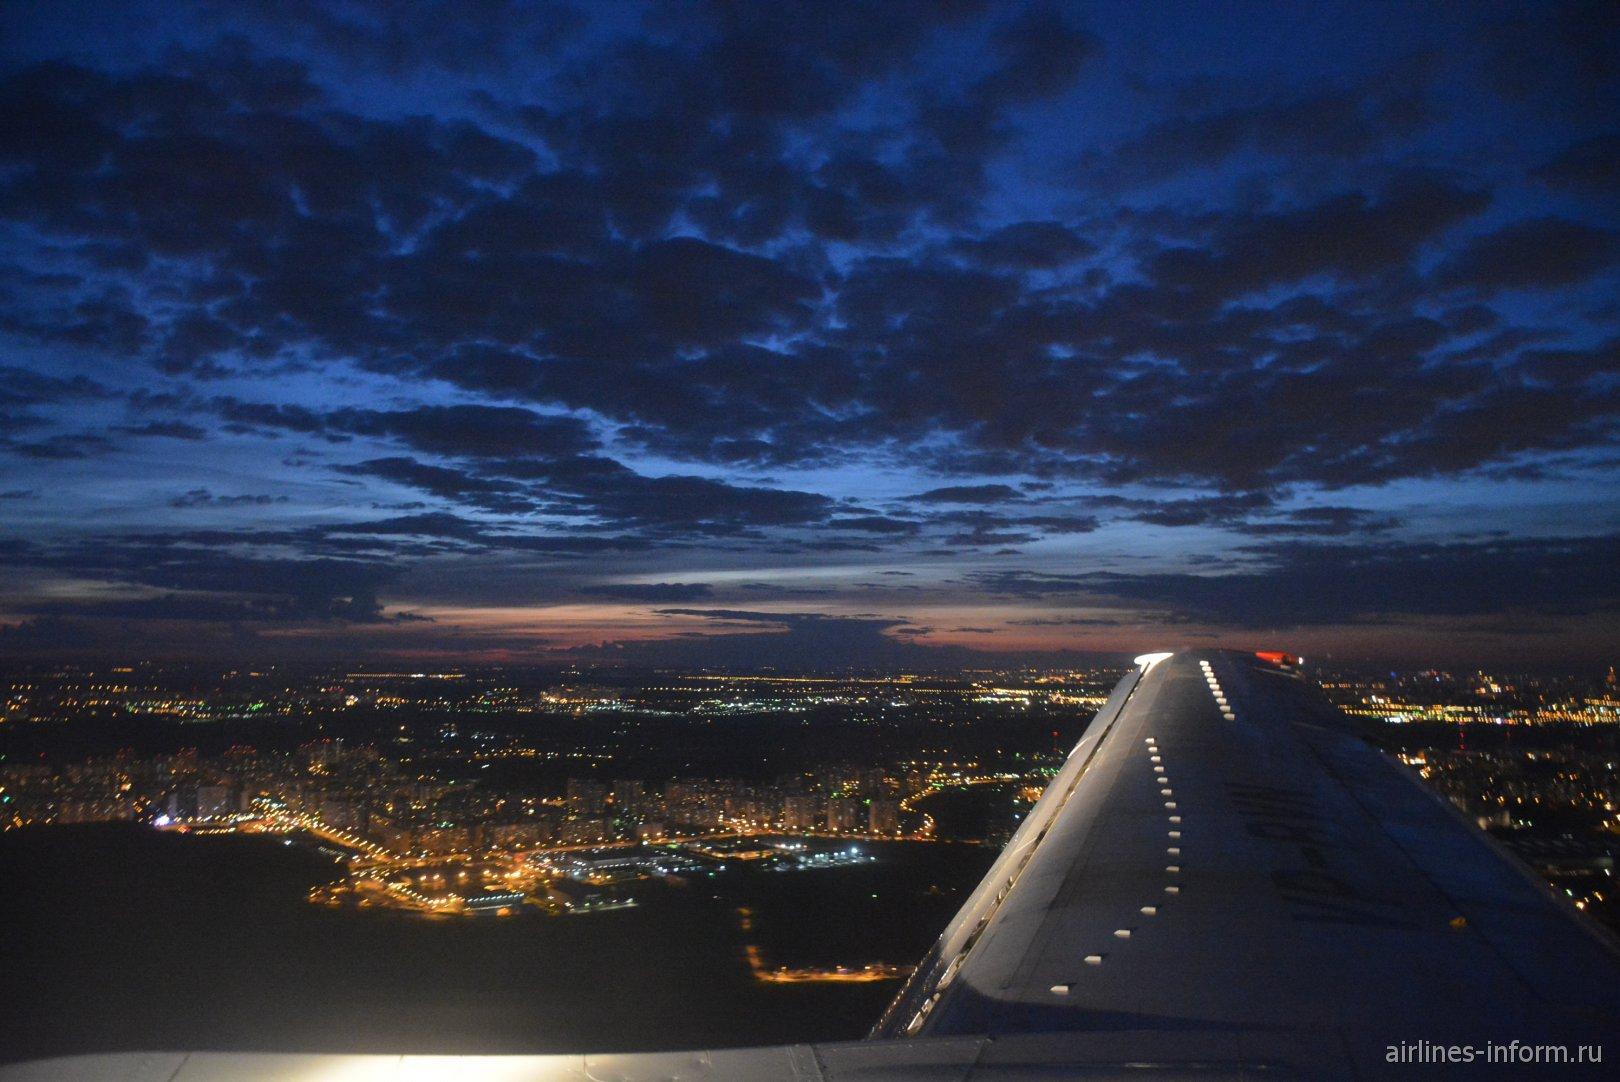 Вечерние облака над Москвой перед посадкой во Внуково